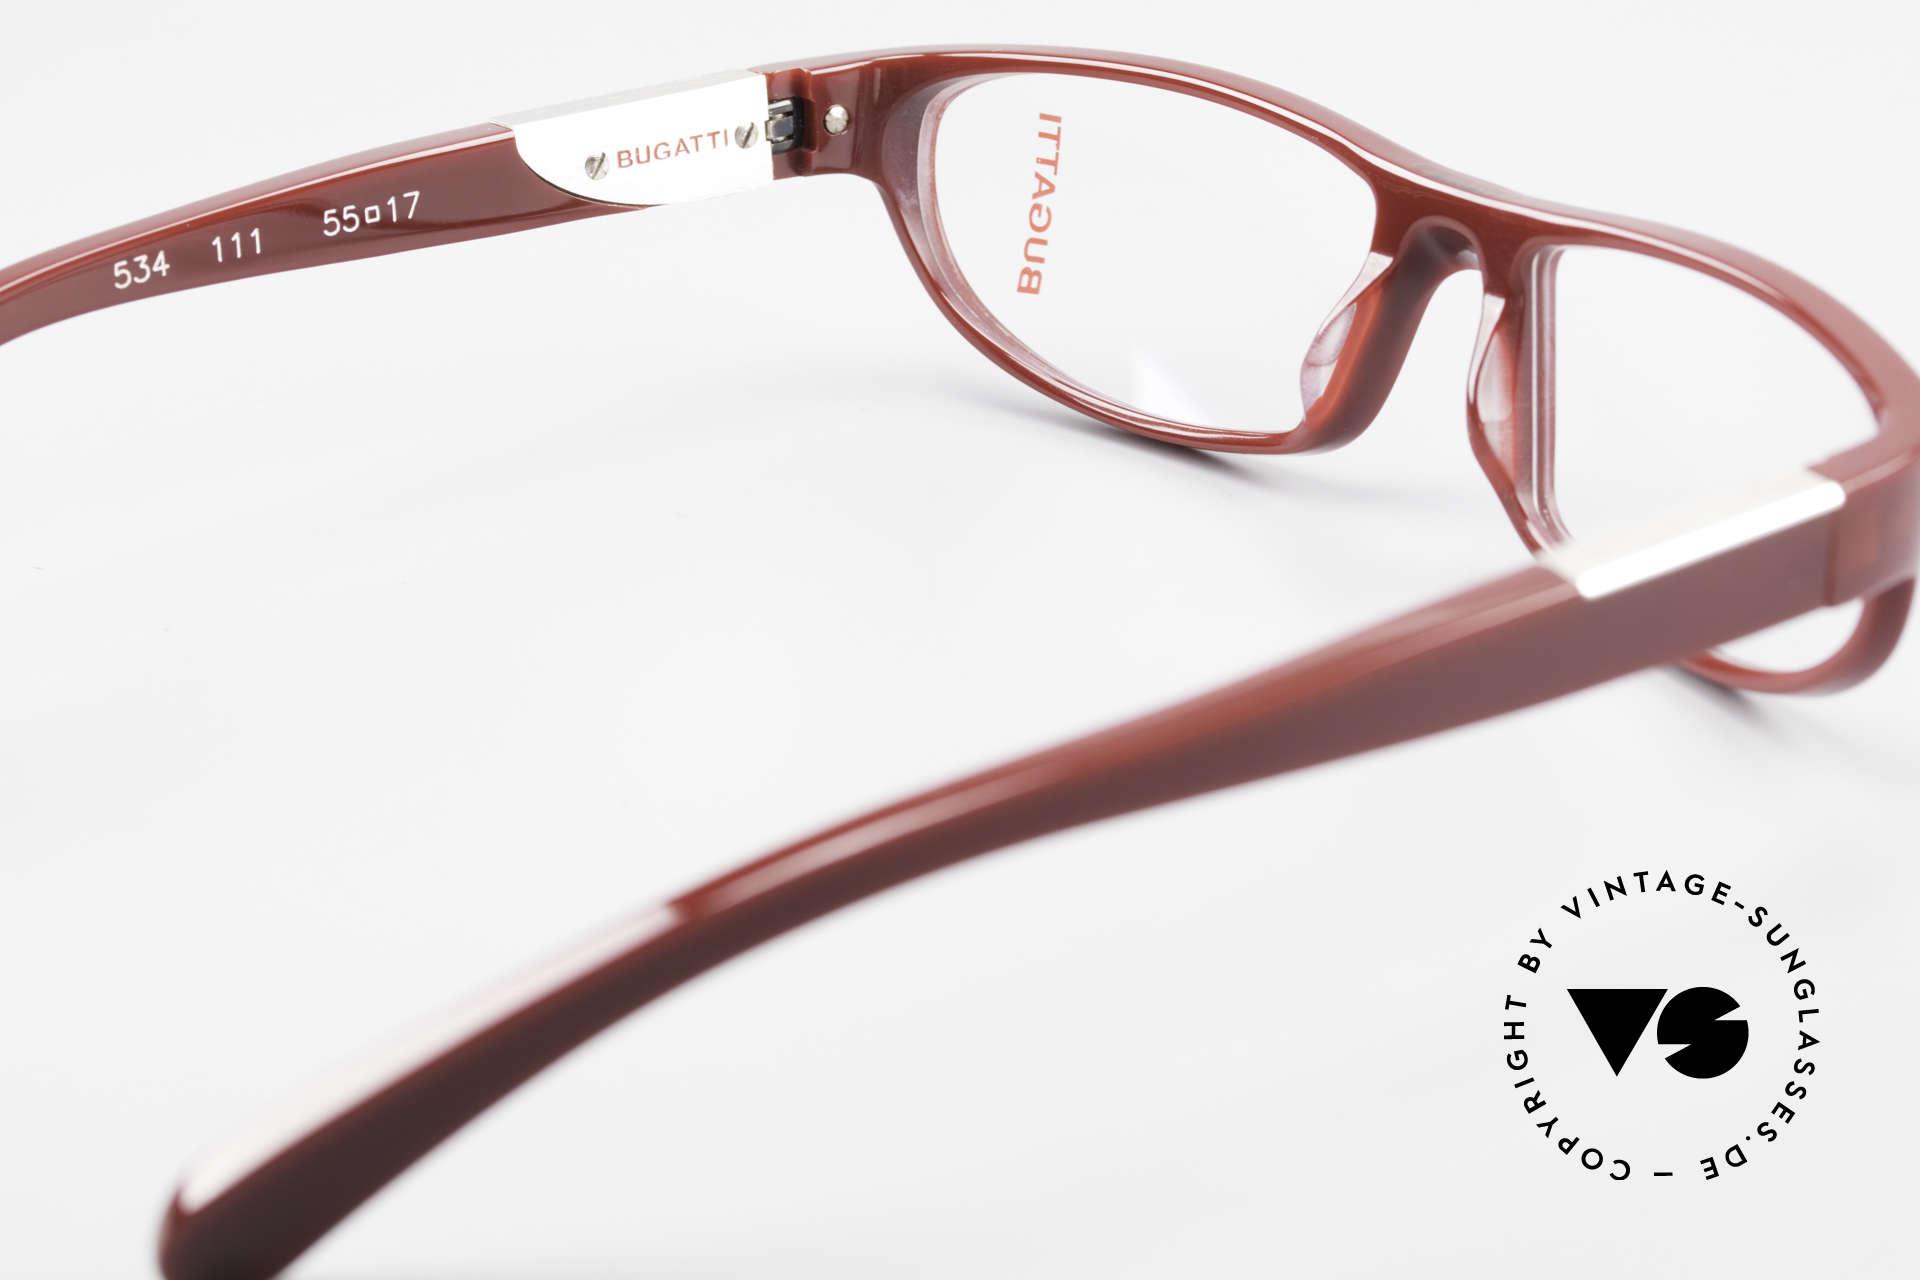 Bugatti 534 Striking Plastic Eyeglass-Frame, the frame is made for optical lenses / sun lenses, Made for Men